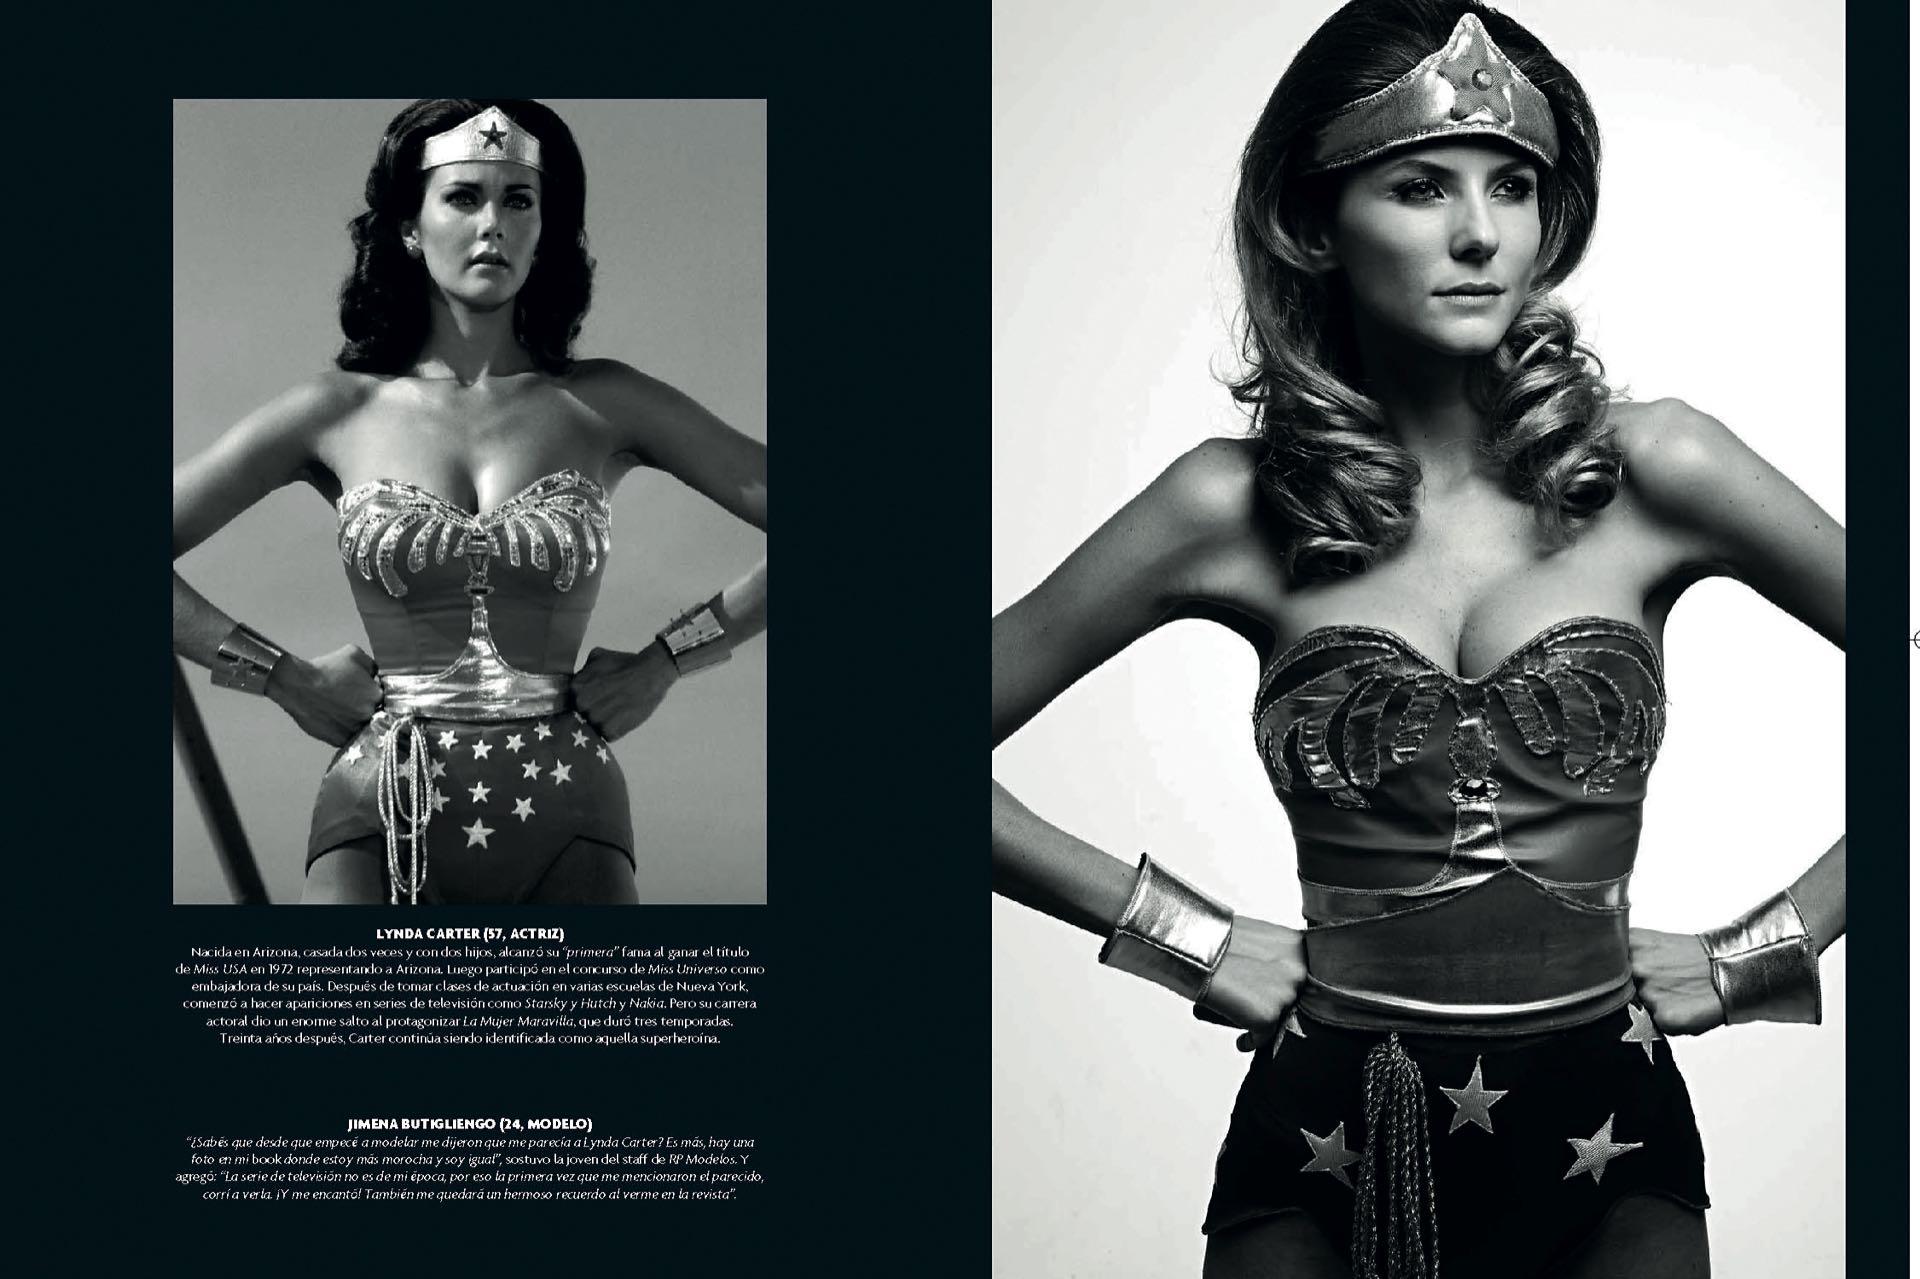 En su etapa de modelo en dos producciones de Para Ti: caracterizada como Mujer Maravilla y en notas de Moda y Tendencia.